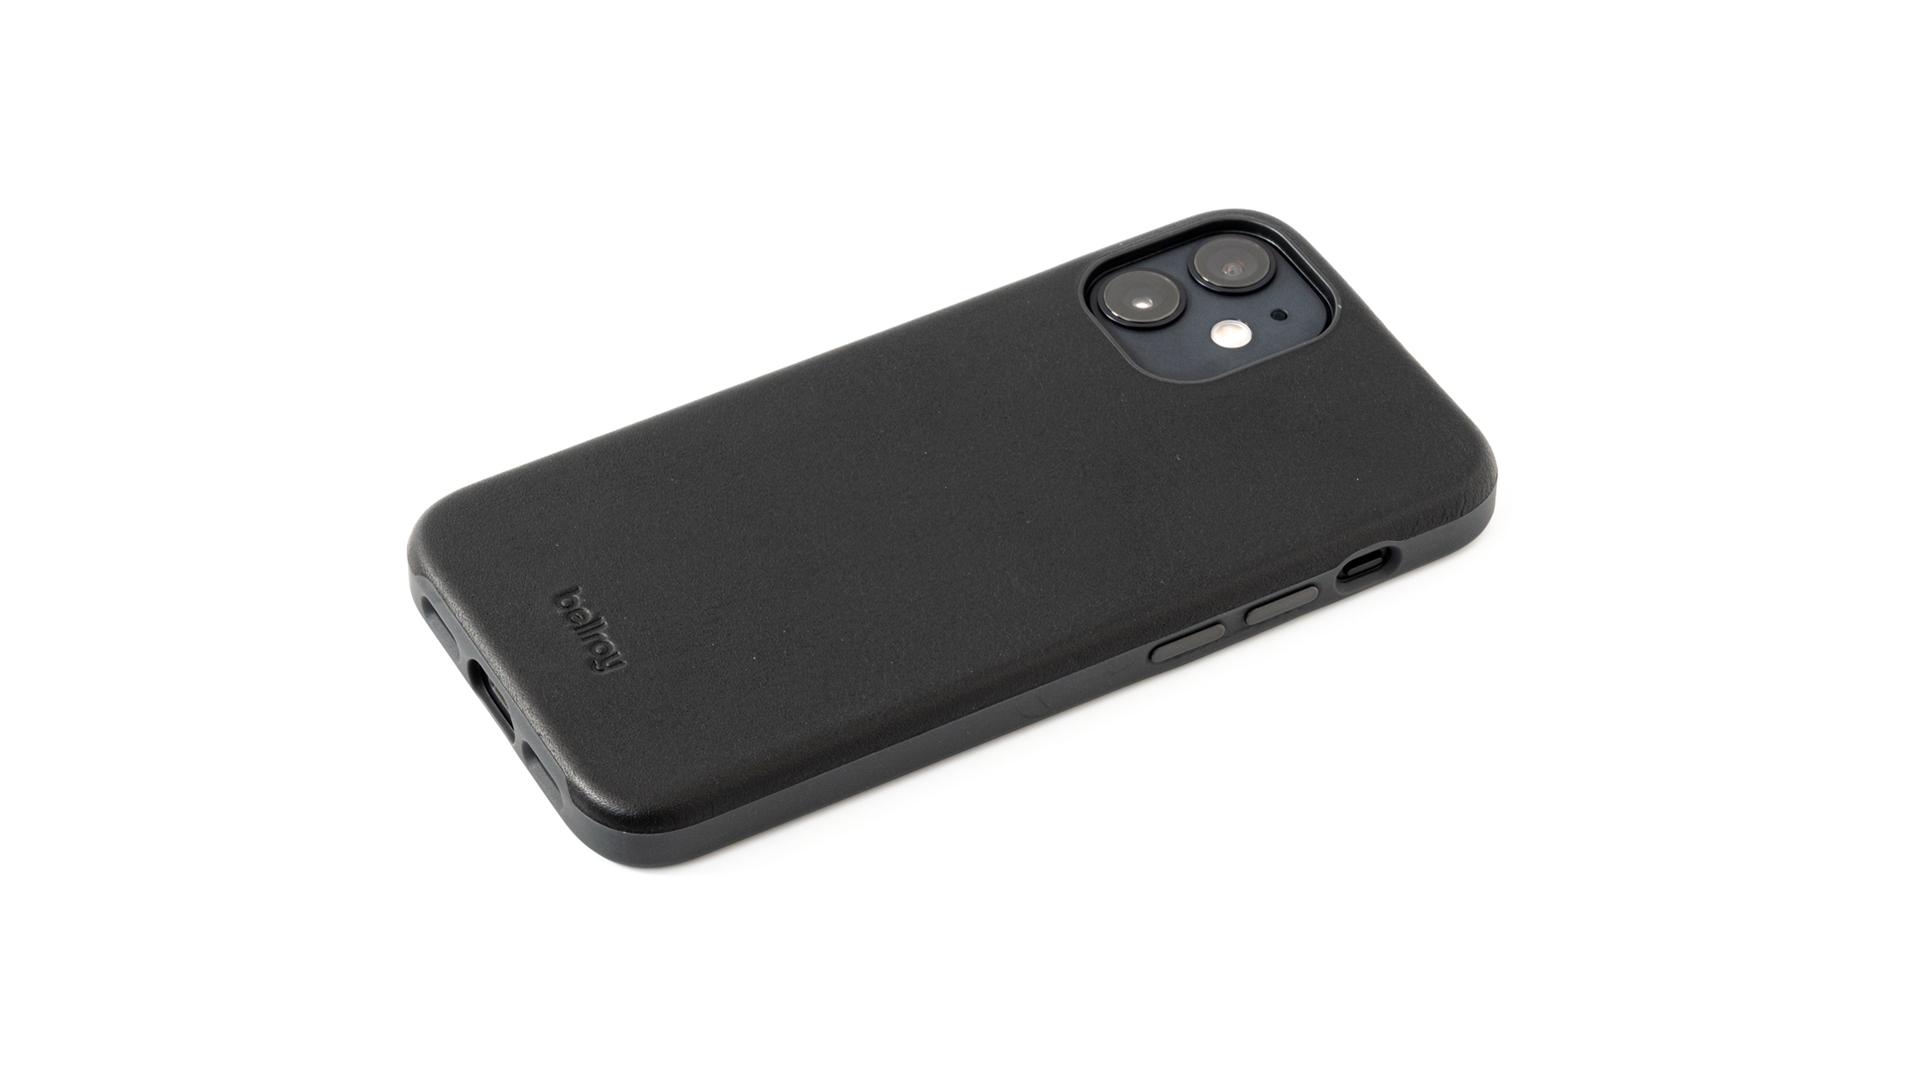 Bellroy Phone Case レビュー。本革+ポリマー素材を使った暖かみのあるiPhone 12 mini用レザーケース